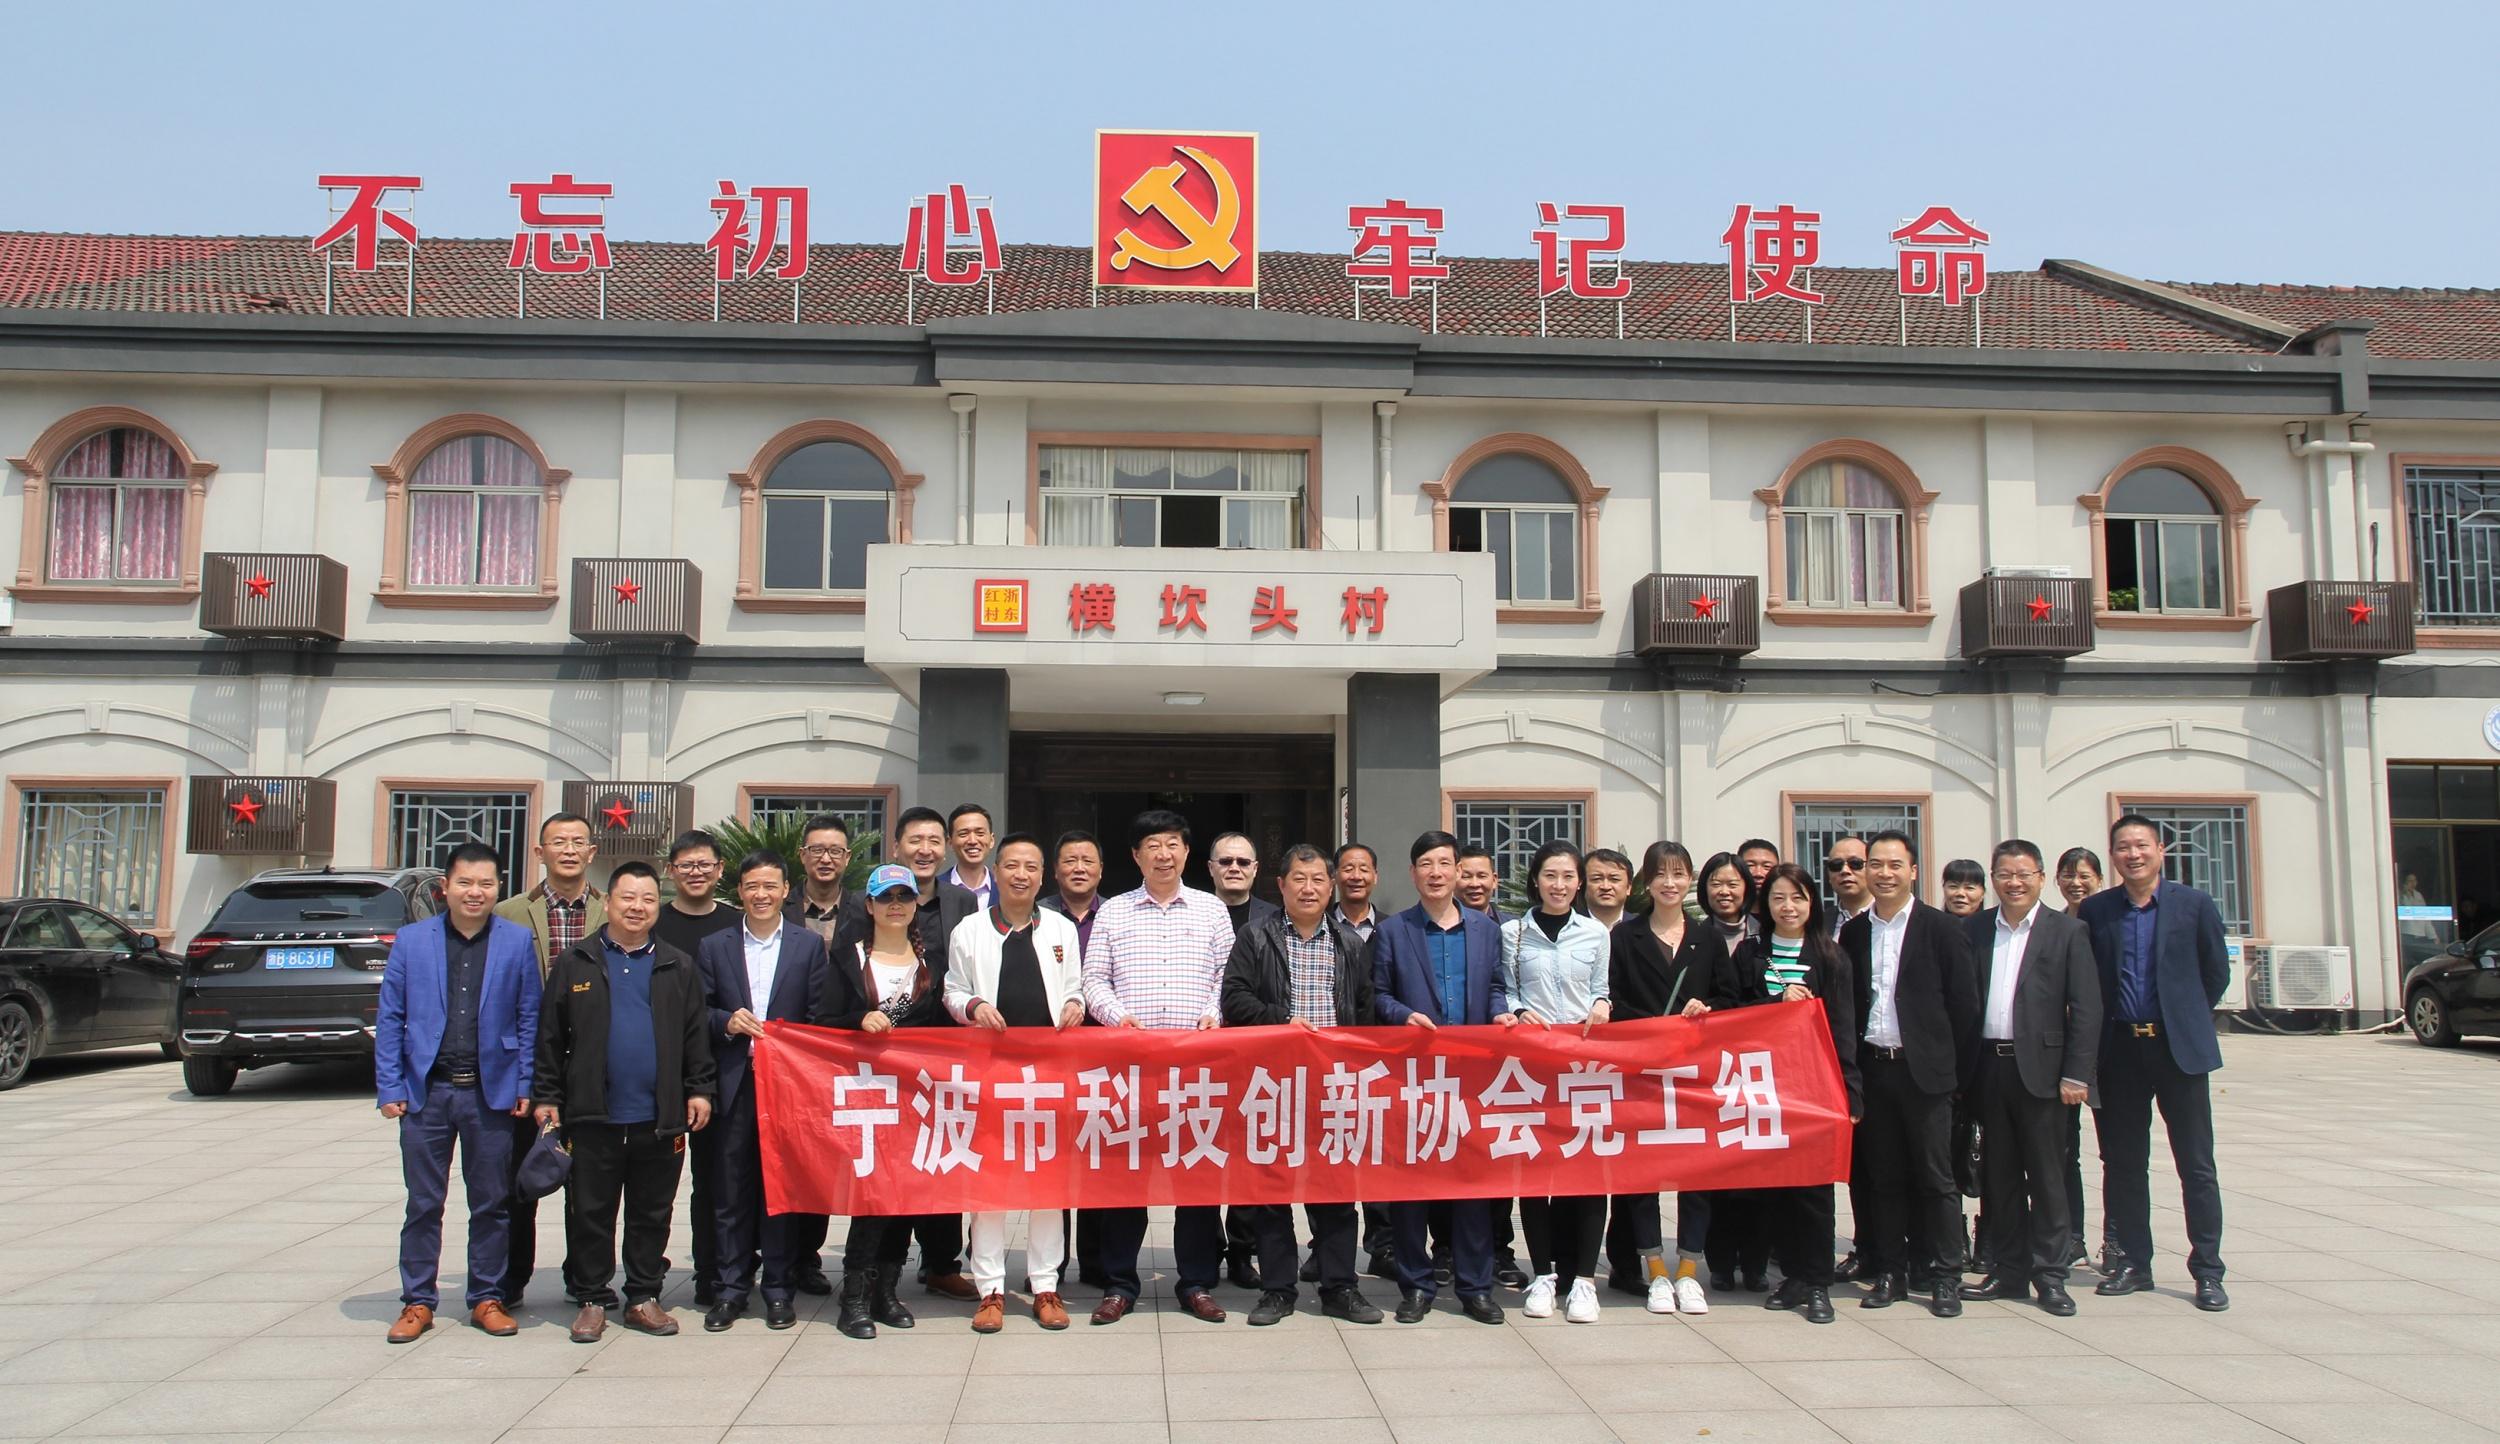 協會黨工組組織會員走進紅色梁弄,傳承紅色基因